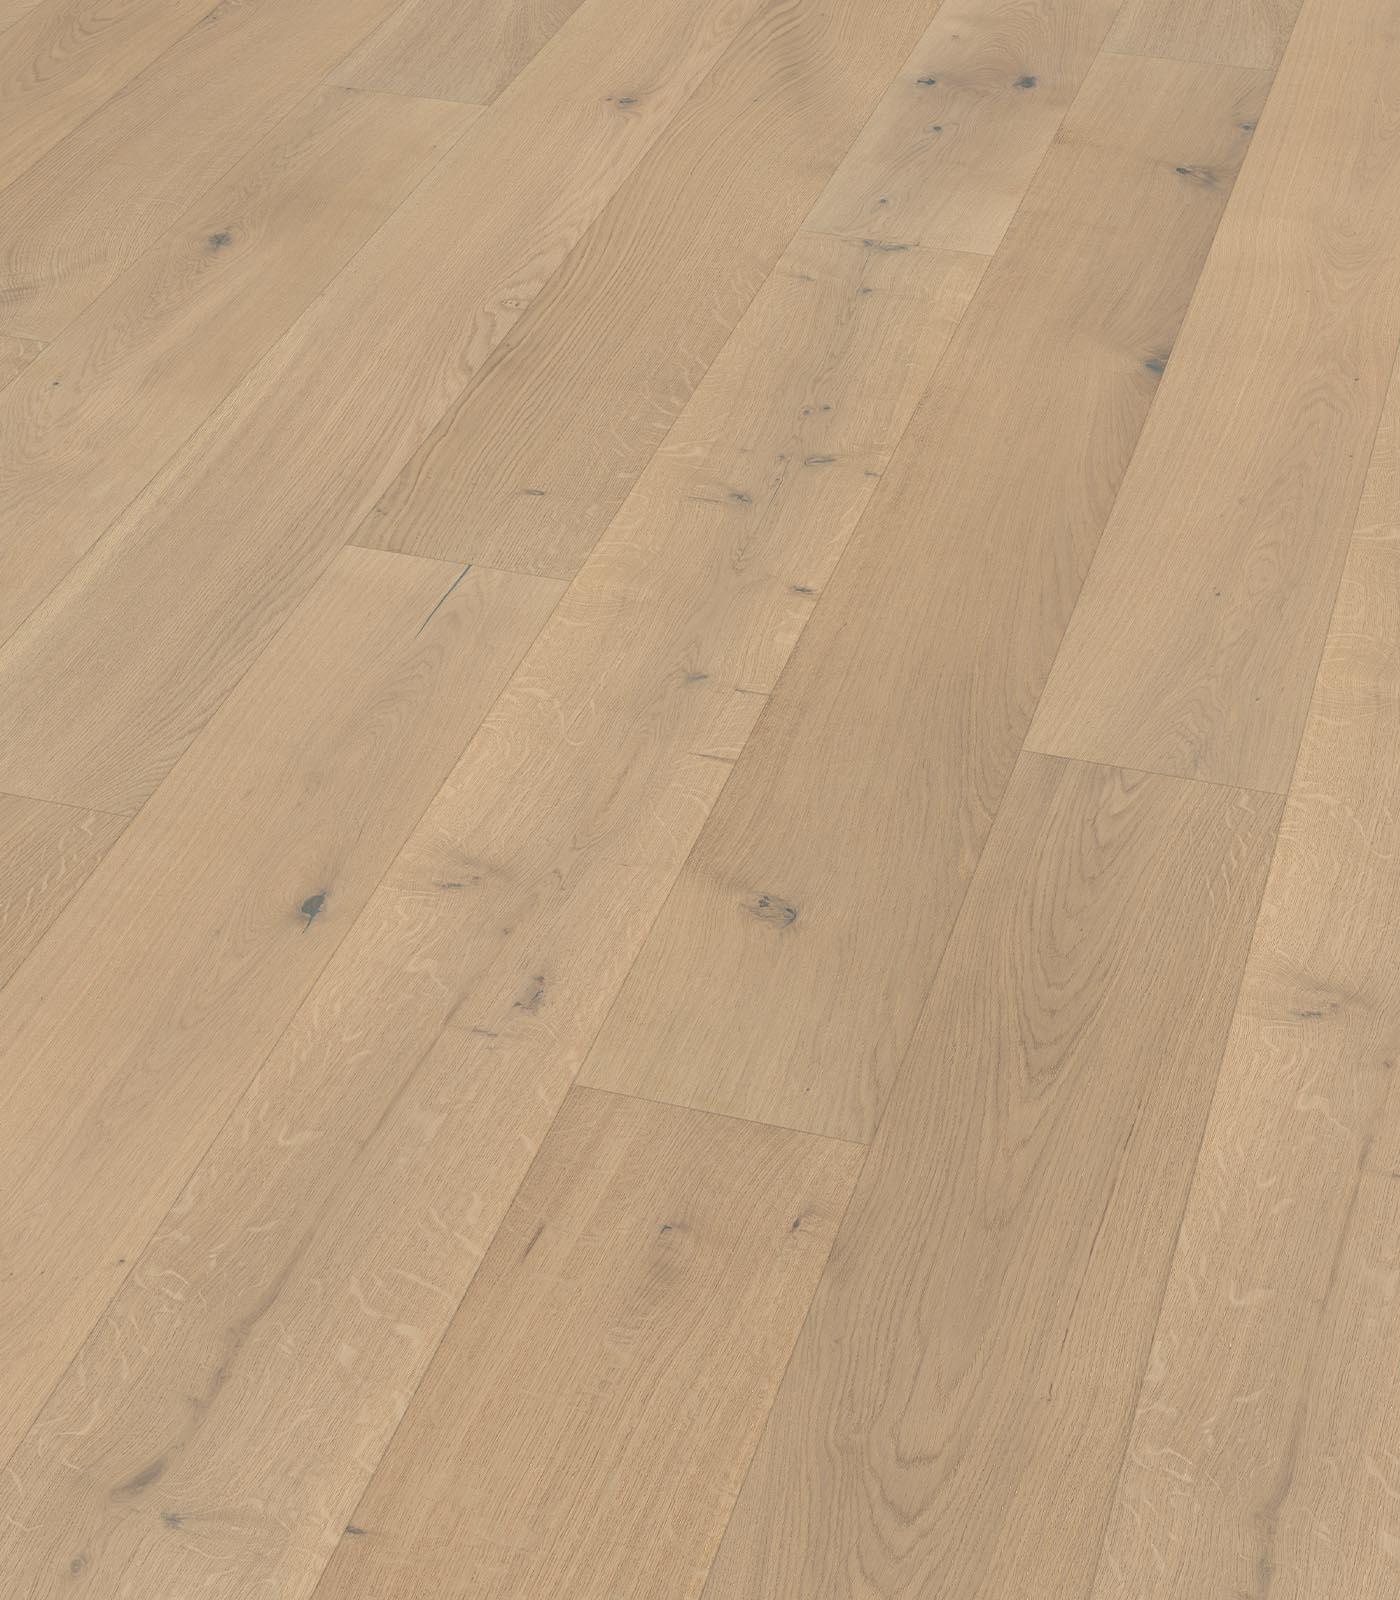 Karsdorf-Variante Collection-European Oak Floors-angle